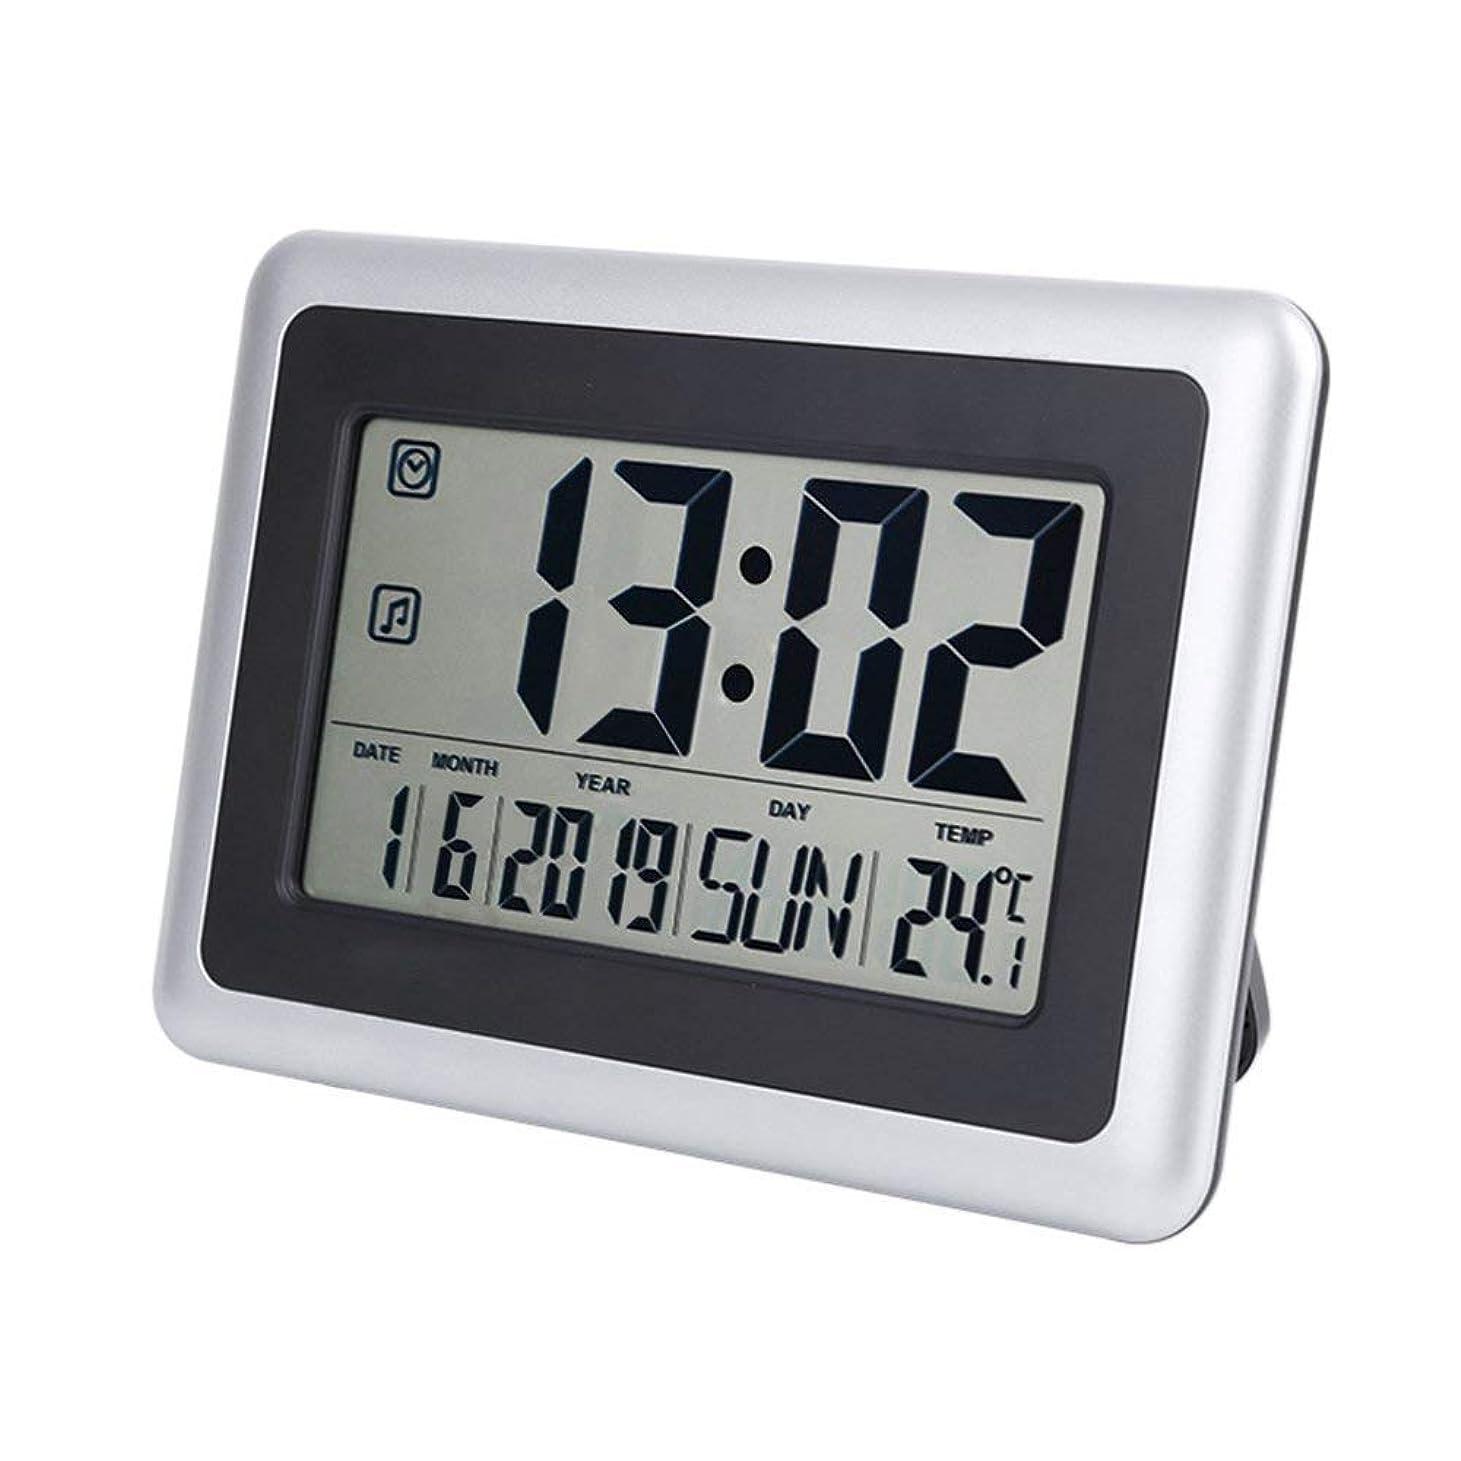 サンプルルーキー不利益Iadong 温度計デジタル 温度計 室内時計付き 高精度 LCD大液晶画面 、時間/パーペチュアルカレンダー/温度表示とアラーム/スヌーズ、家庭用、オフィス、寝室用、スタンド/壁掛け式